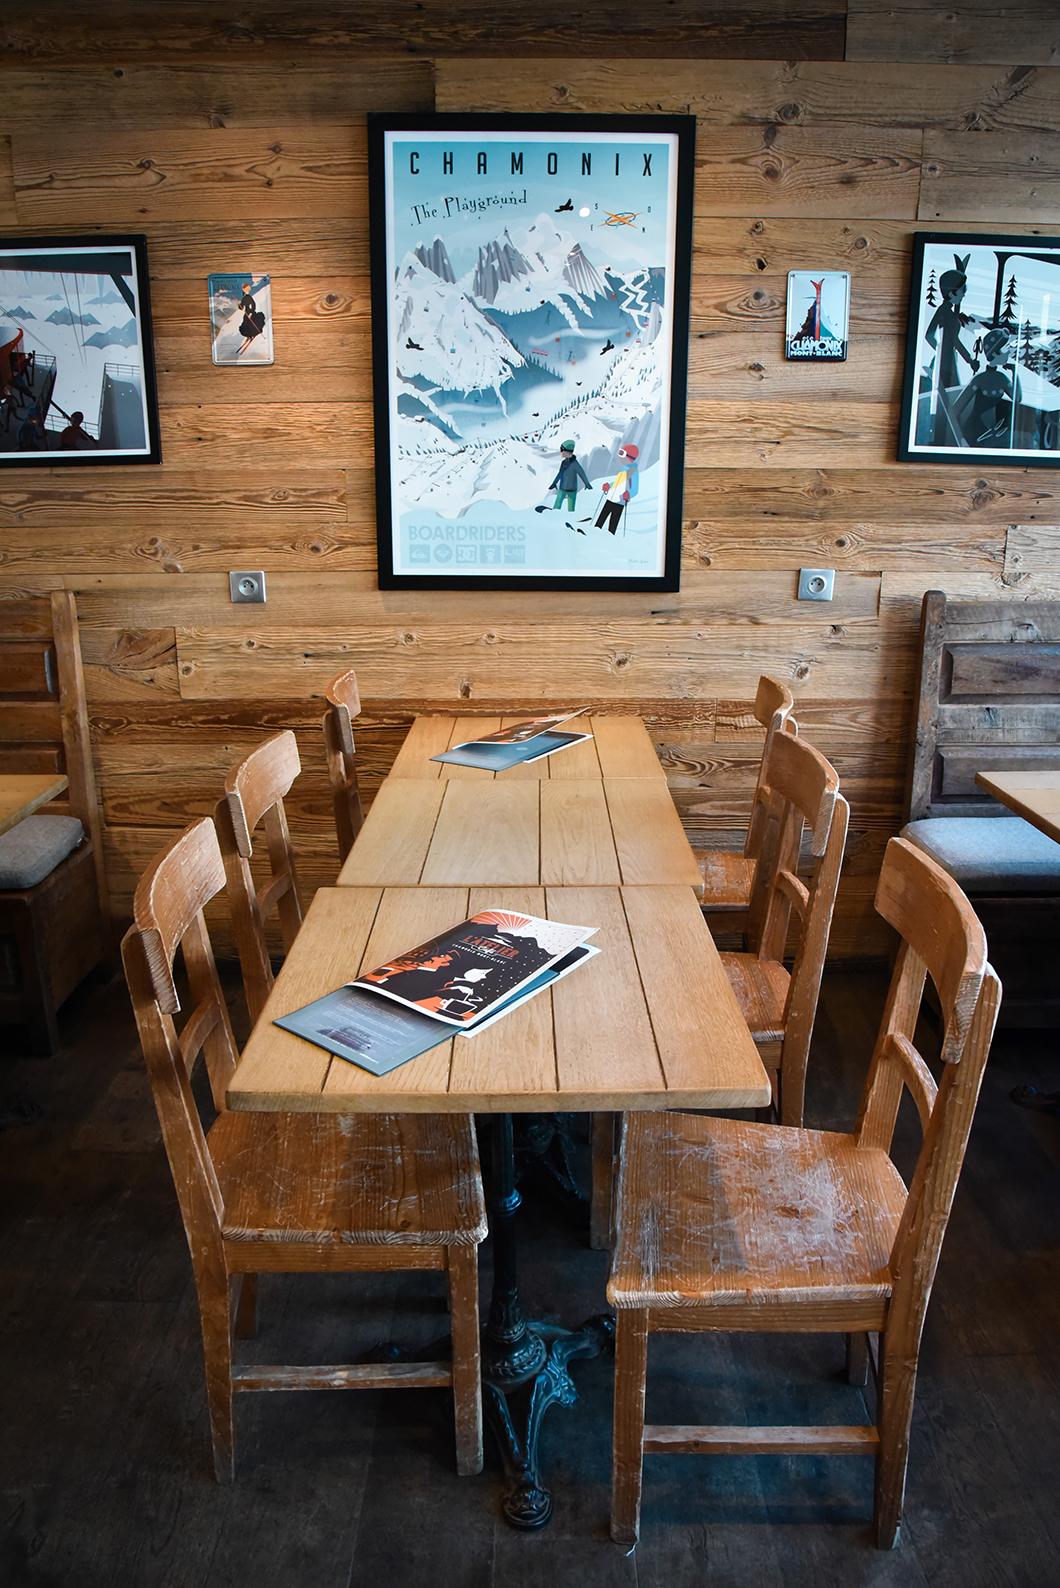 Nos restaurants préférés à Chamonix